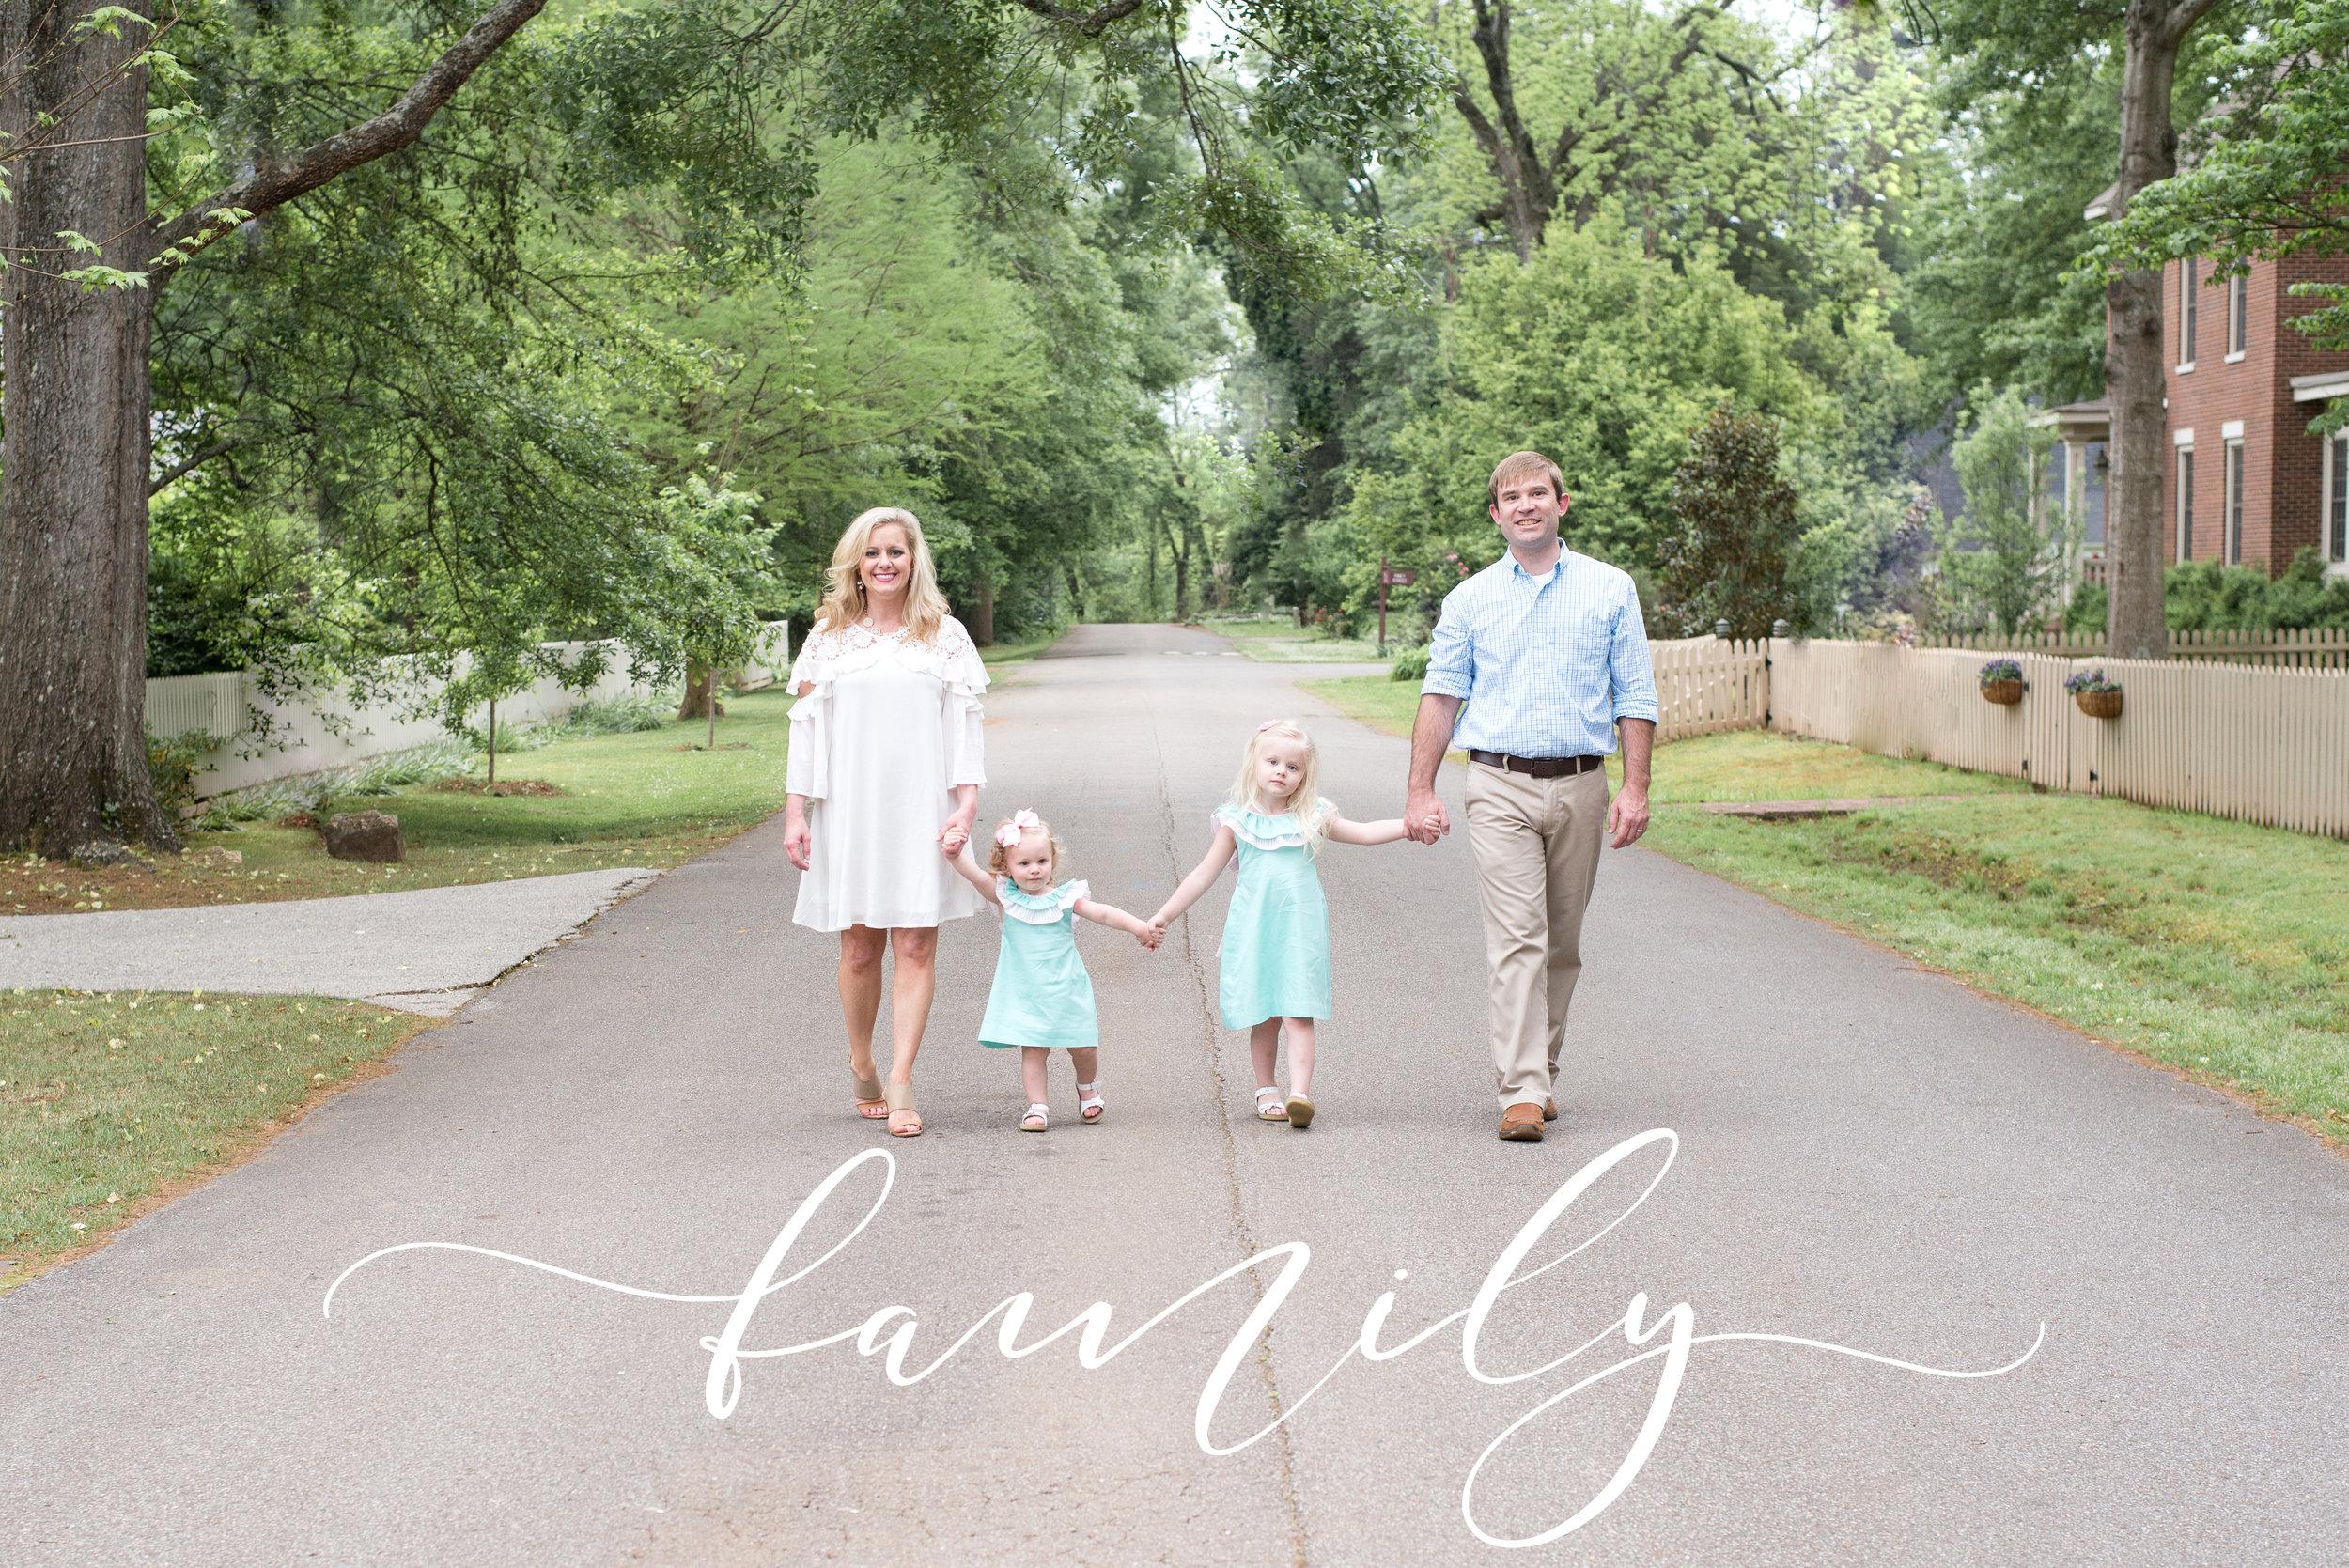 Johnson_May2018 (29)family.jpg